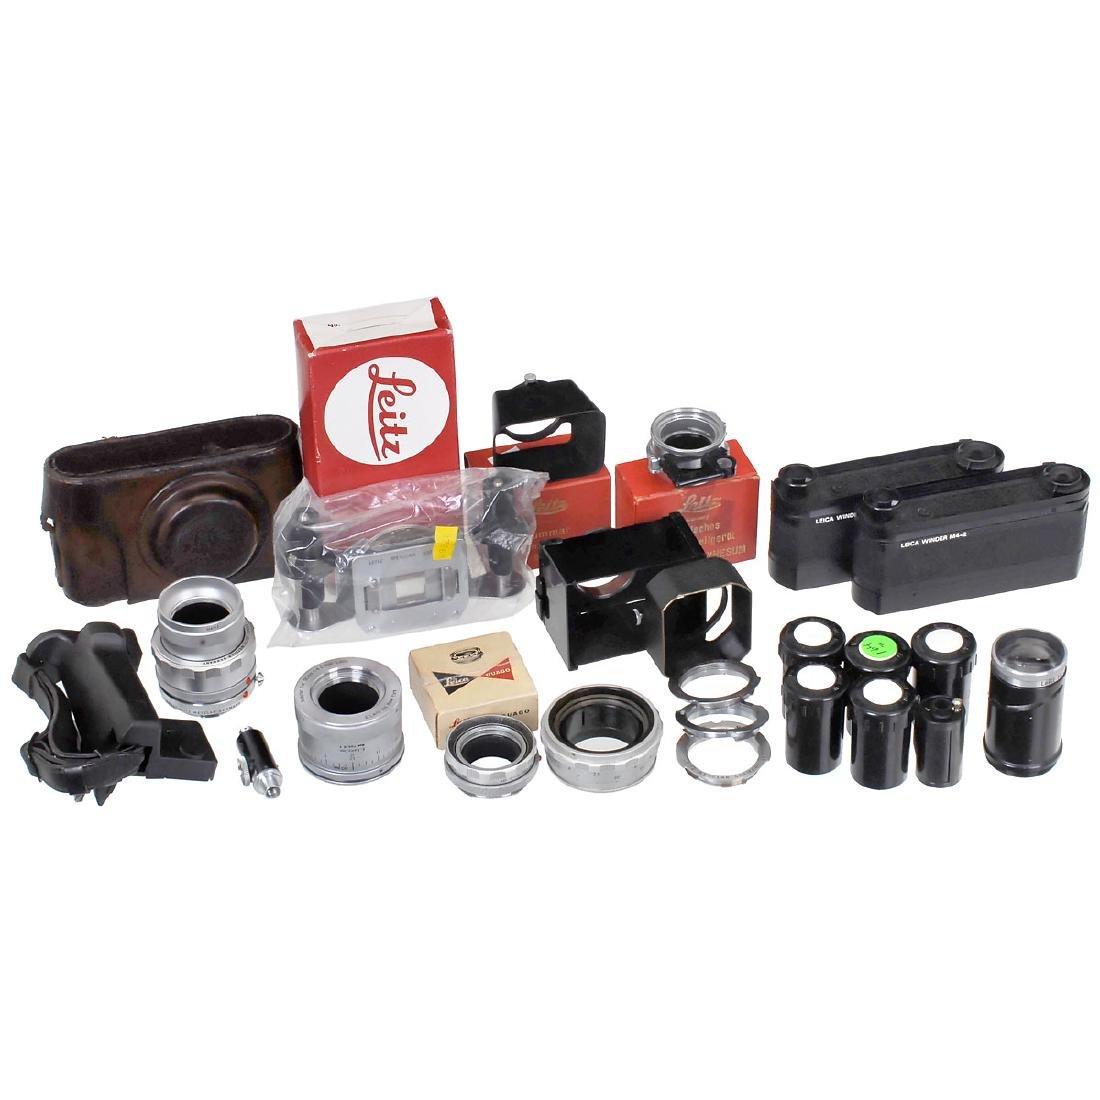 Leitz/Leica Accessories